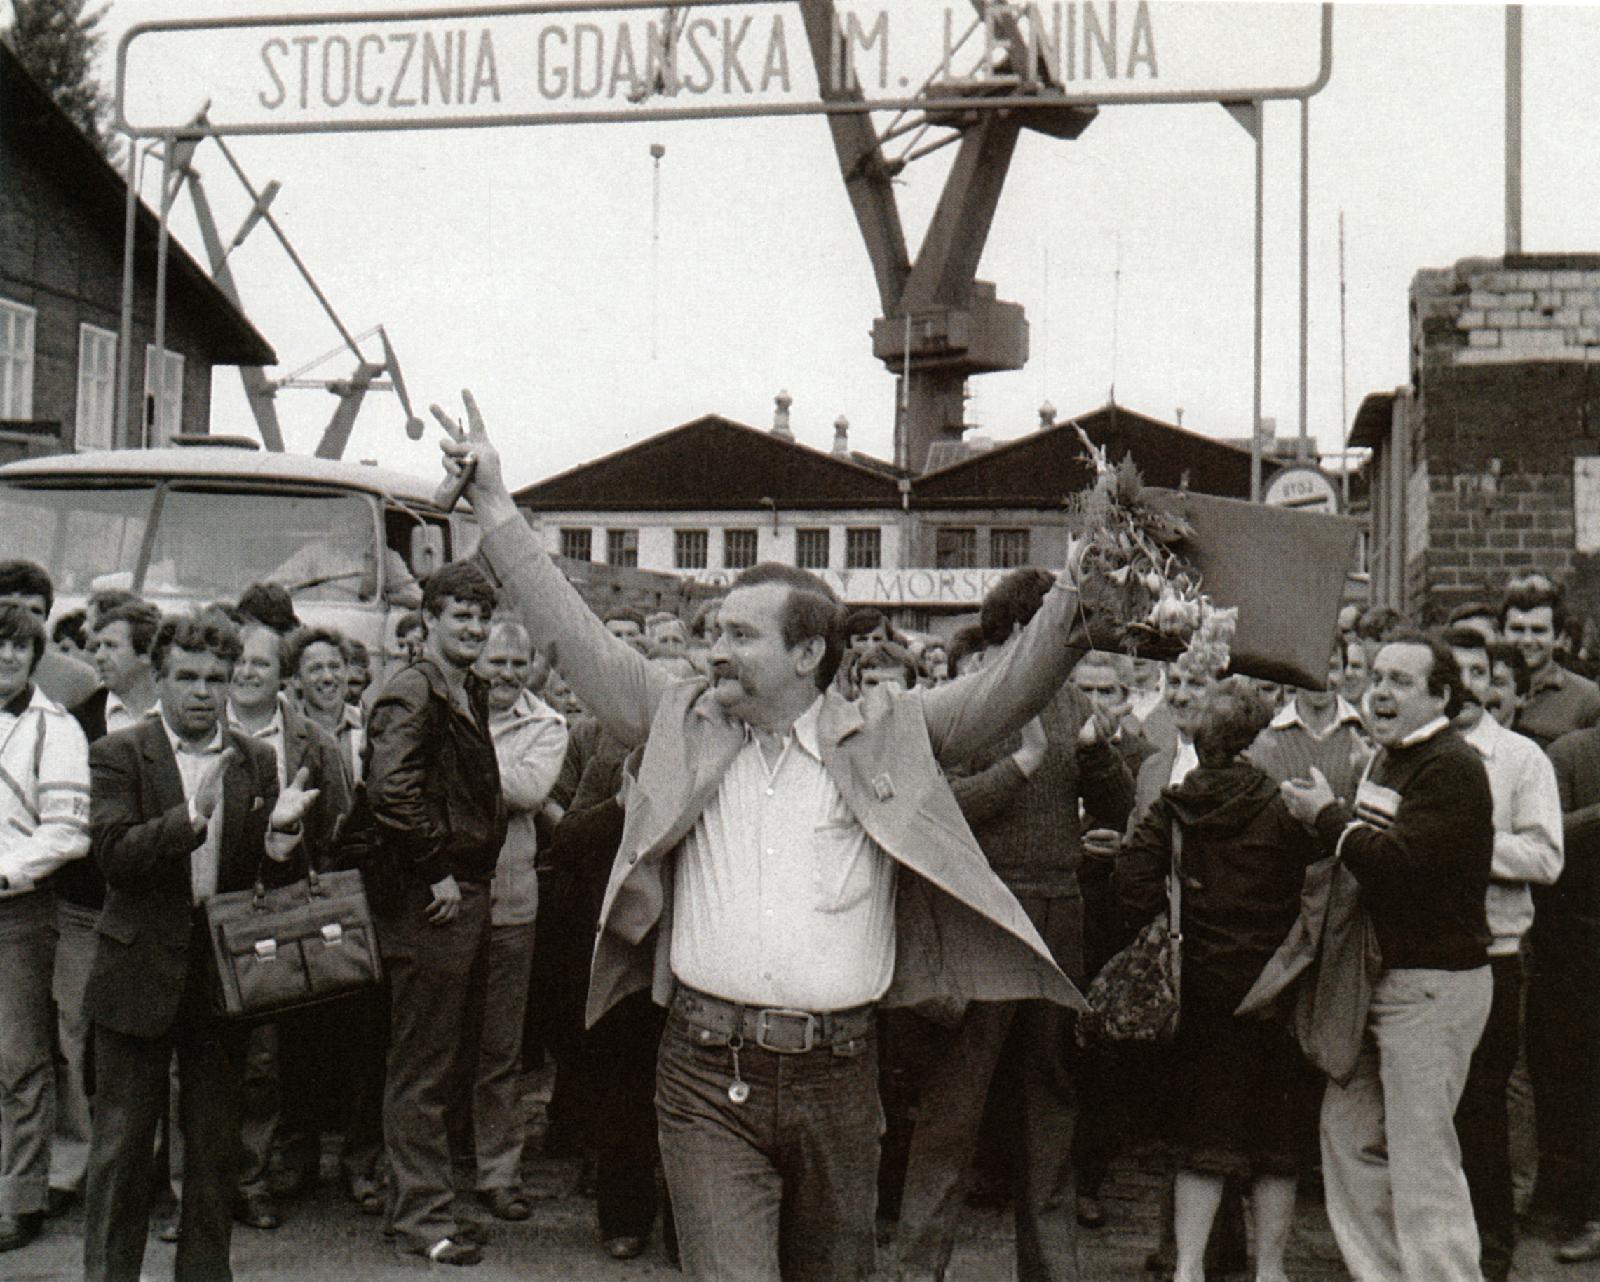 1LFE-350_Walesa+Gdansk-shipyard-workers